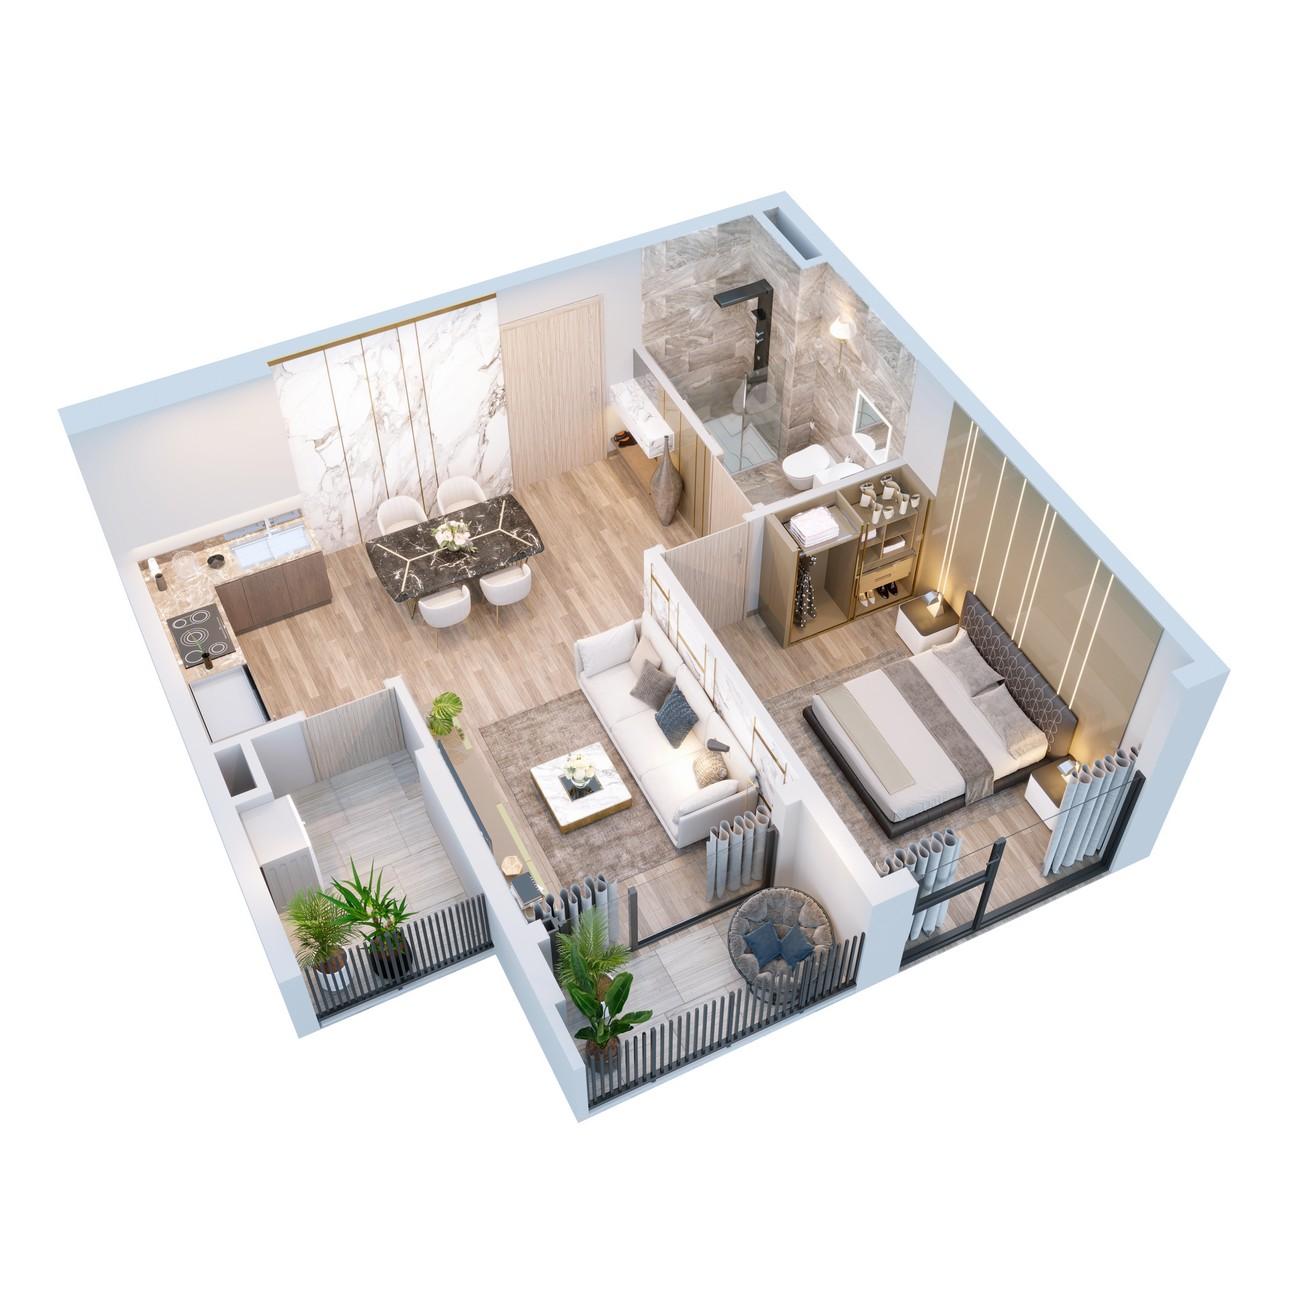 Thiết kế căn hộ Happy One Central Phú Hòa Đường Đại Lộ Thủ Dầu Một chủ đầu tư Ốc Vạn Xuân